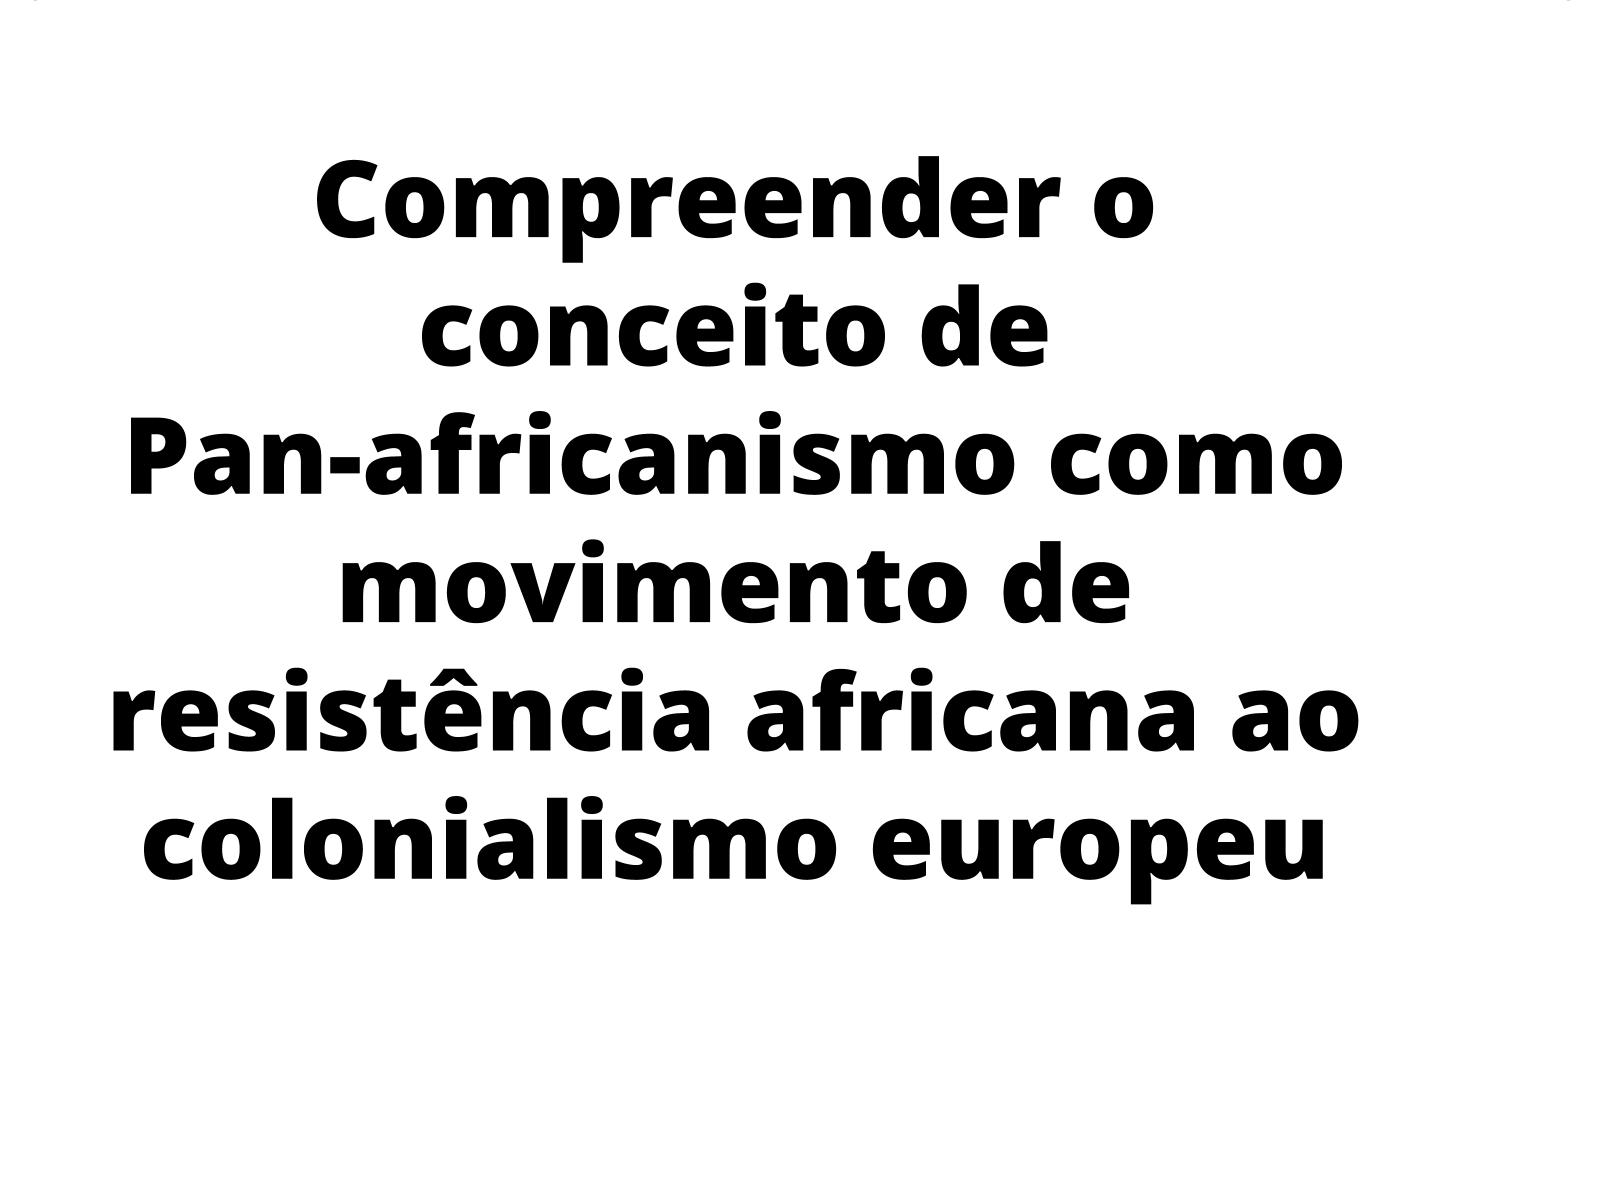 Movimentos de resistência ao colonialismo: o Pan-africanismo